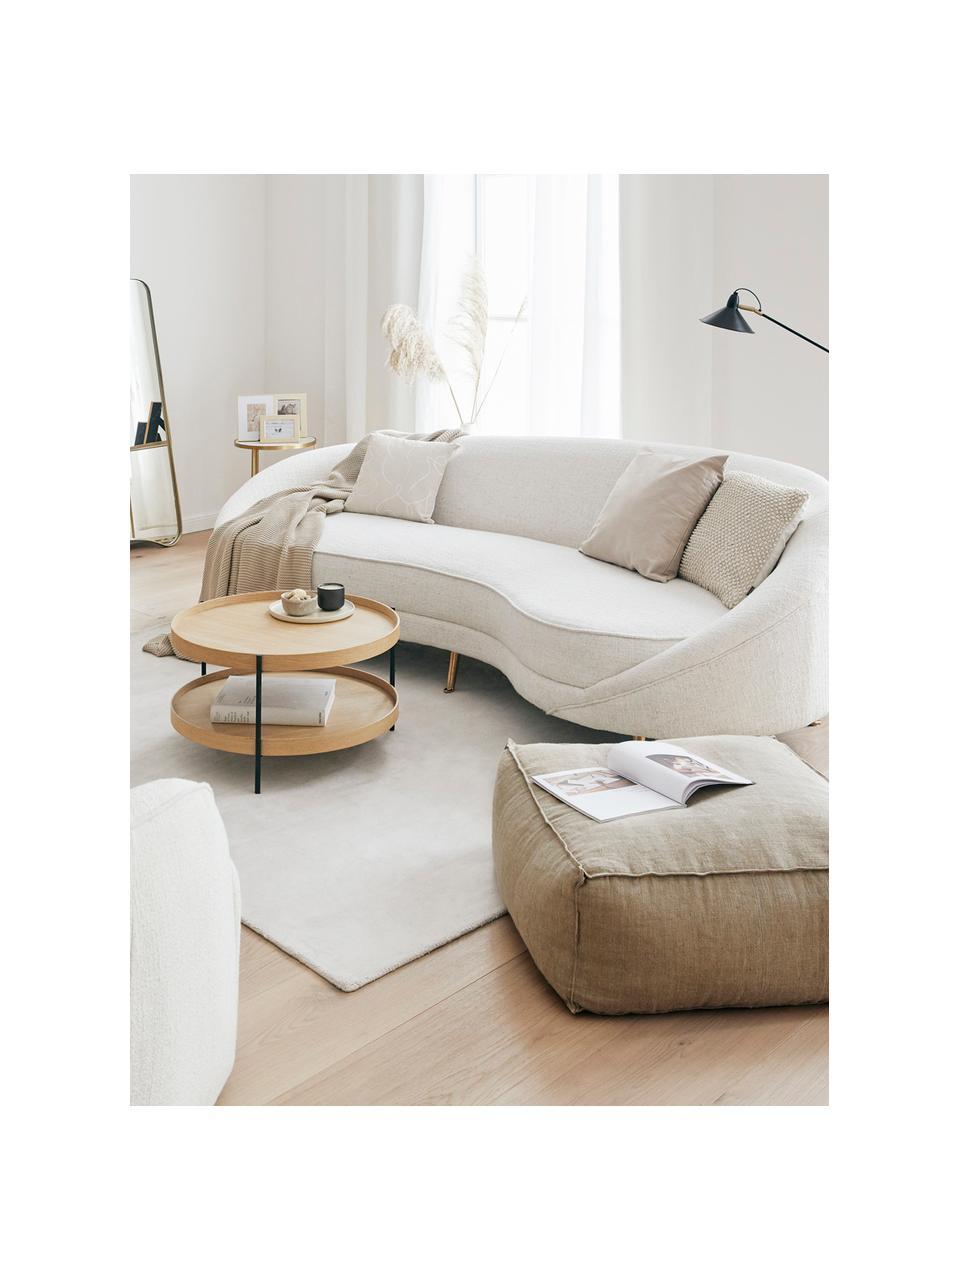 Sofa bouclé w kształcie nerki  Gatsby (3-osobowa), Tapicerka: bouclé (70% poliester, 20, Nogi: metal galwanizowany, Bouclé beżowy, S 245 x G 102 cm